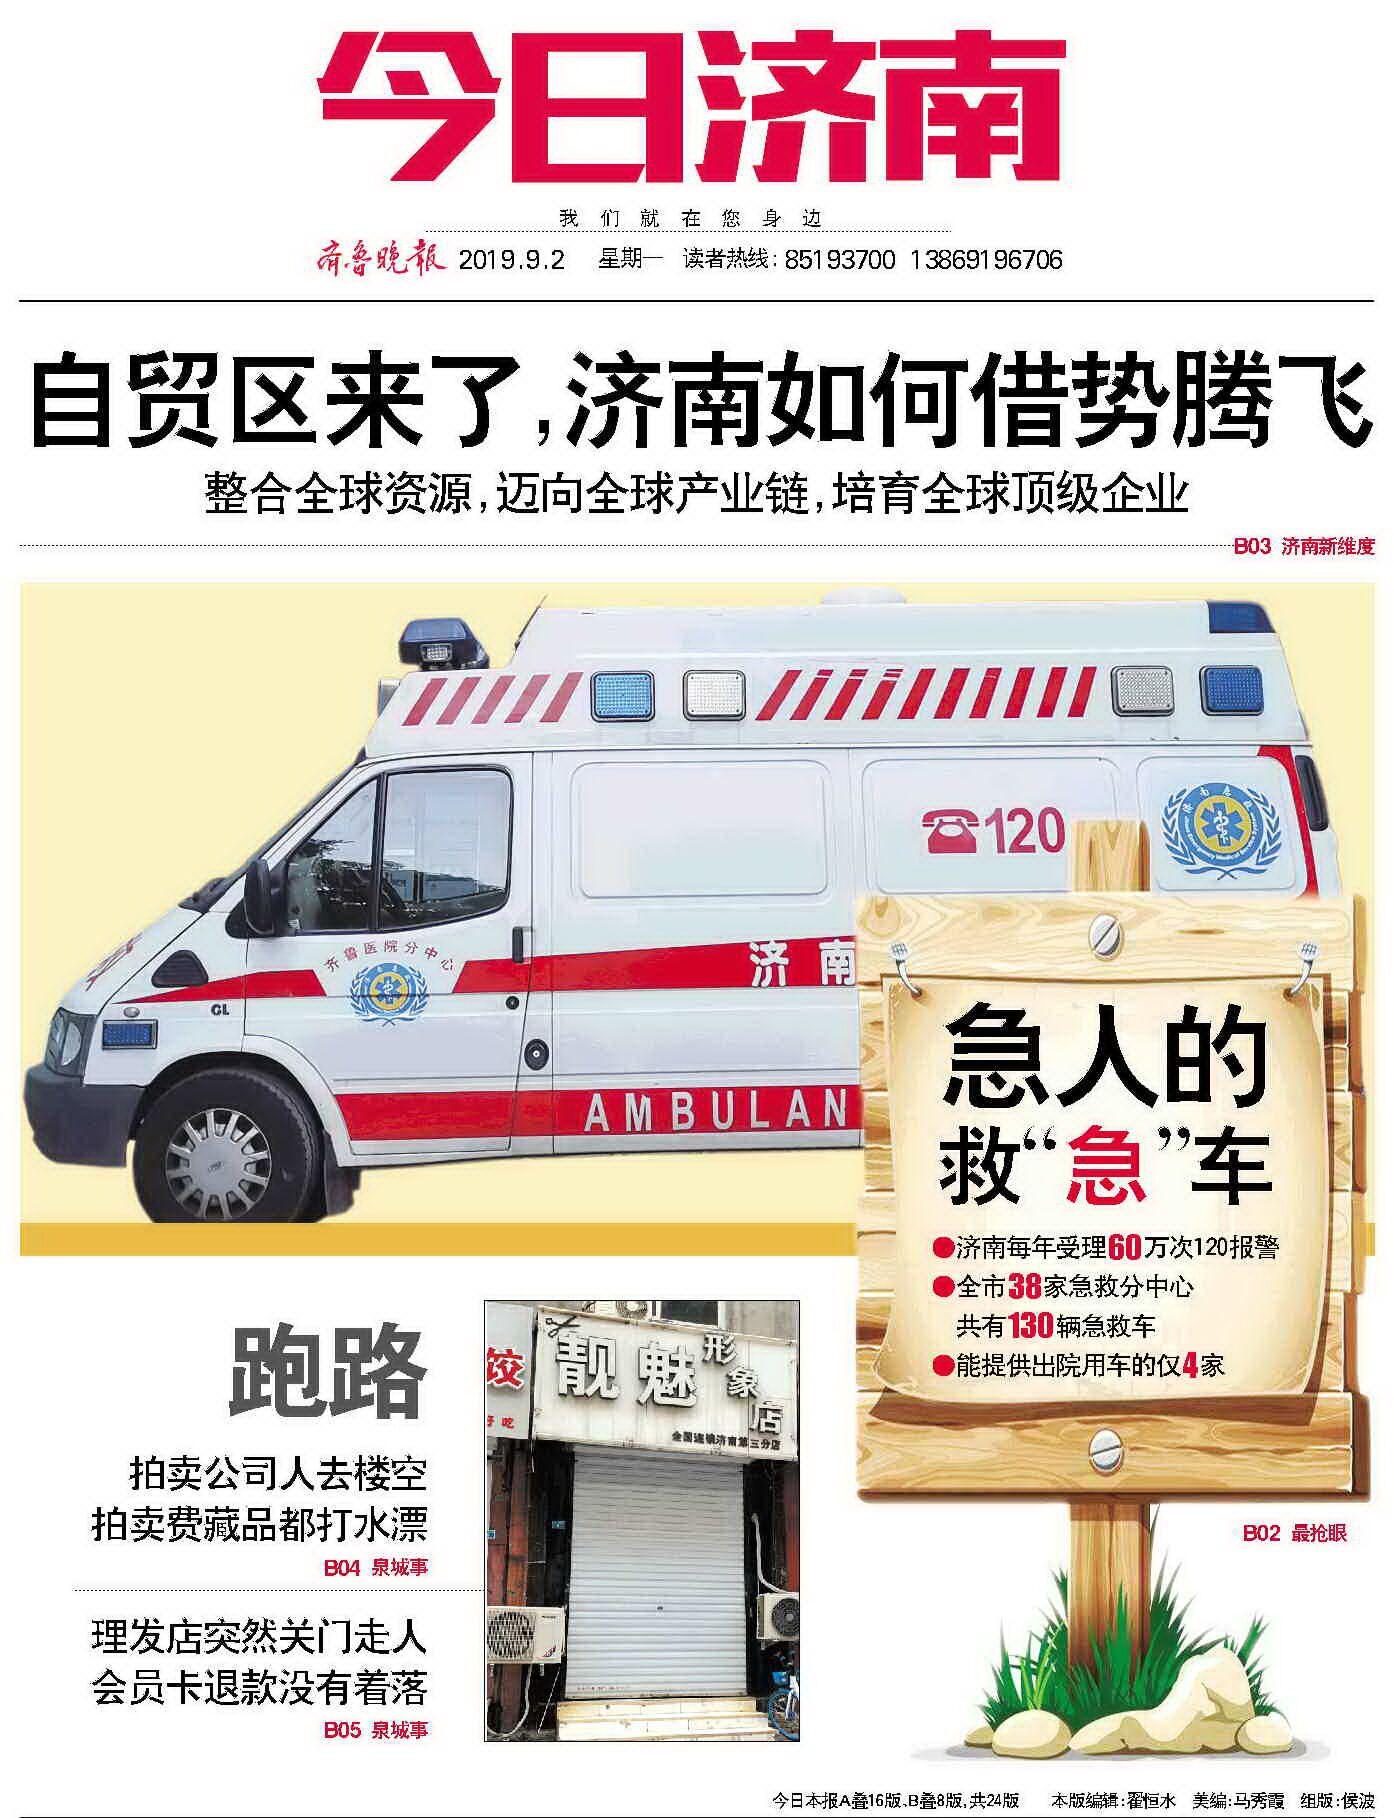 济南壹眼|急人:出院难找救护车;恼人:店家跑路难寻老板!